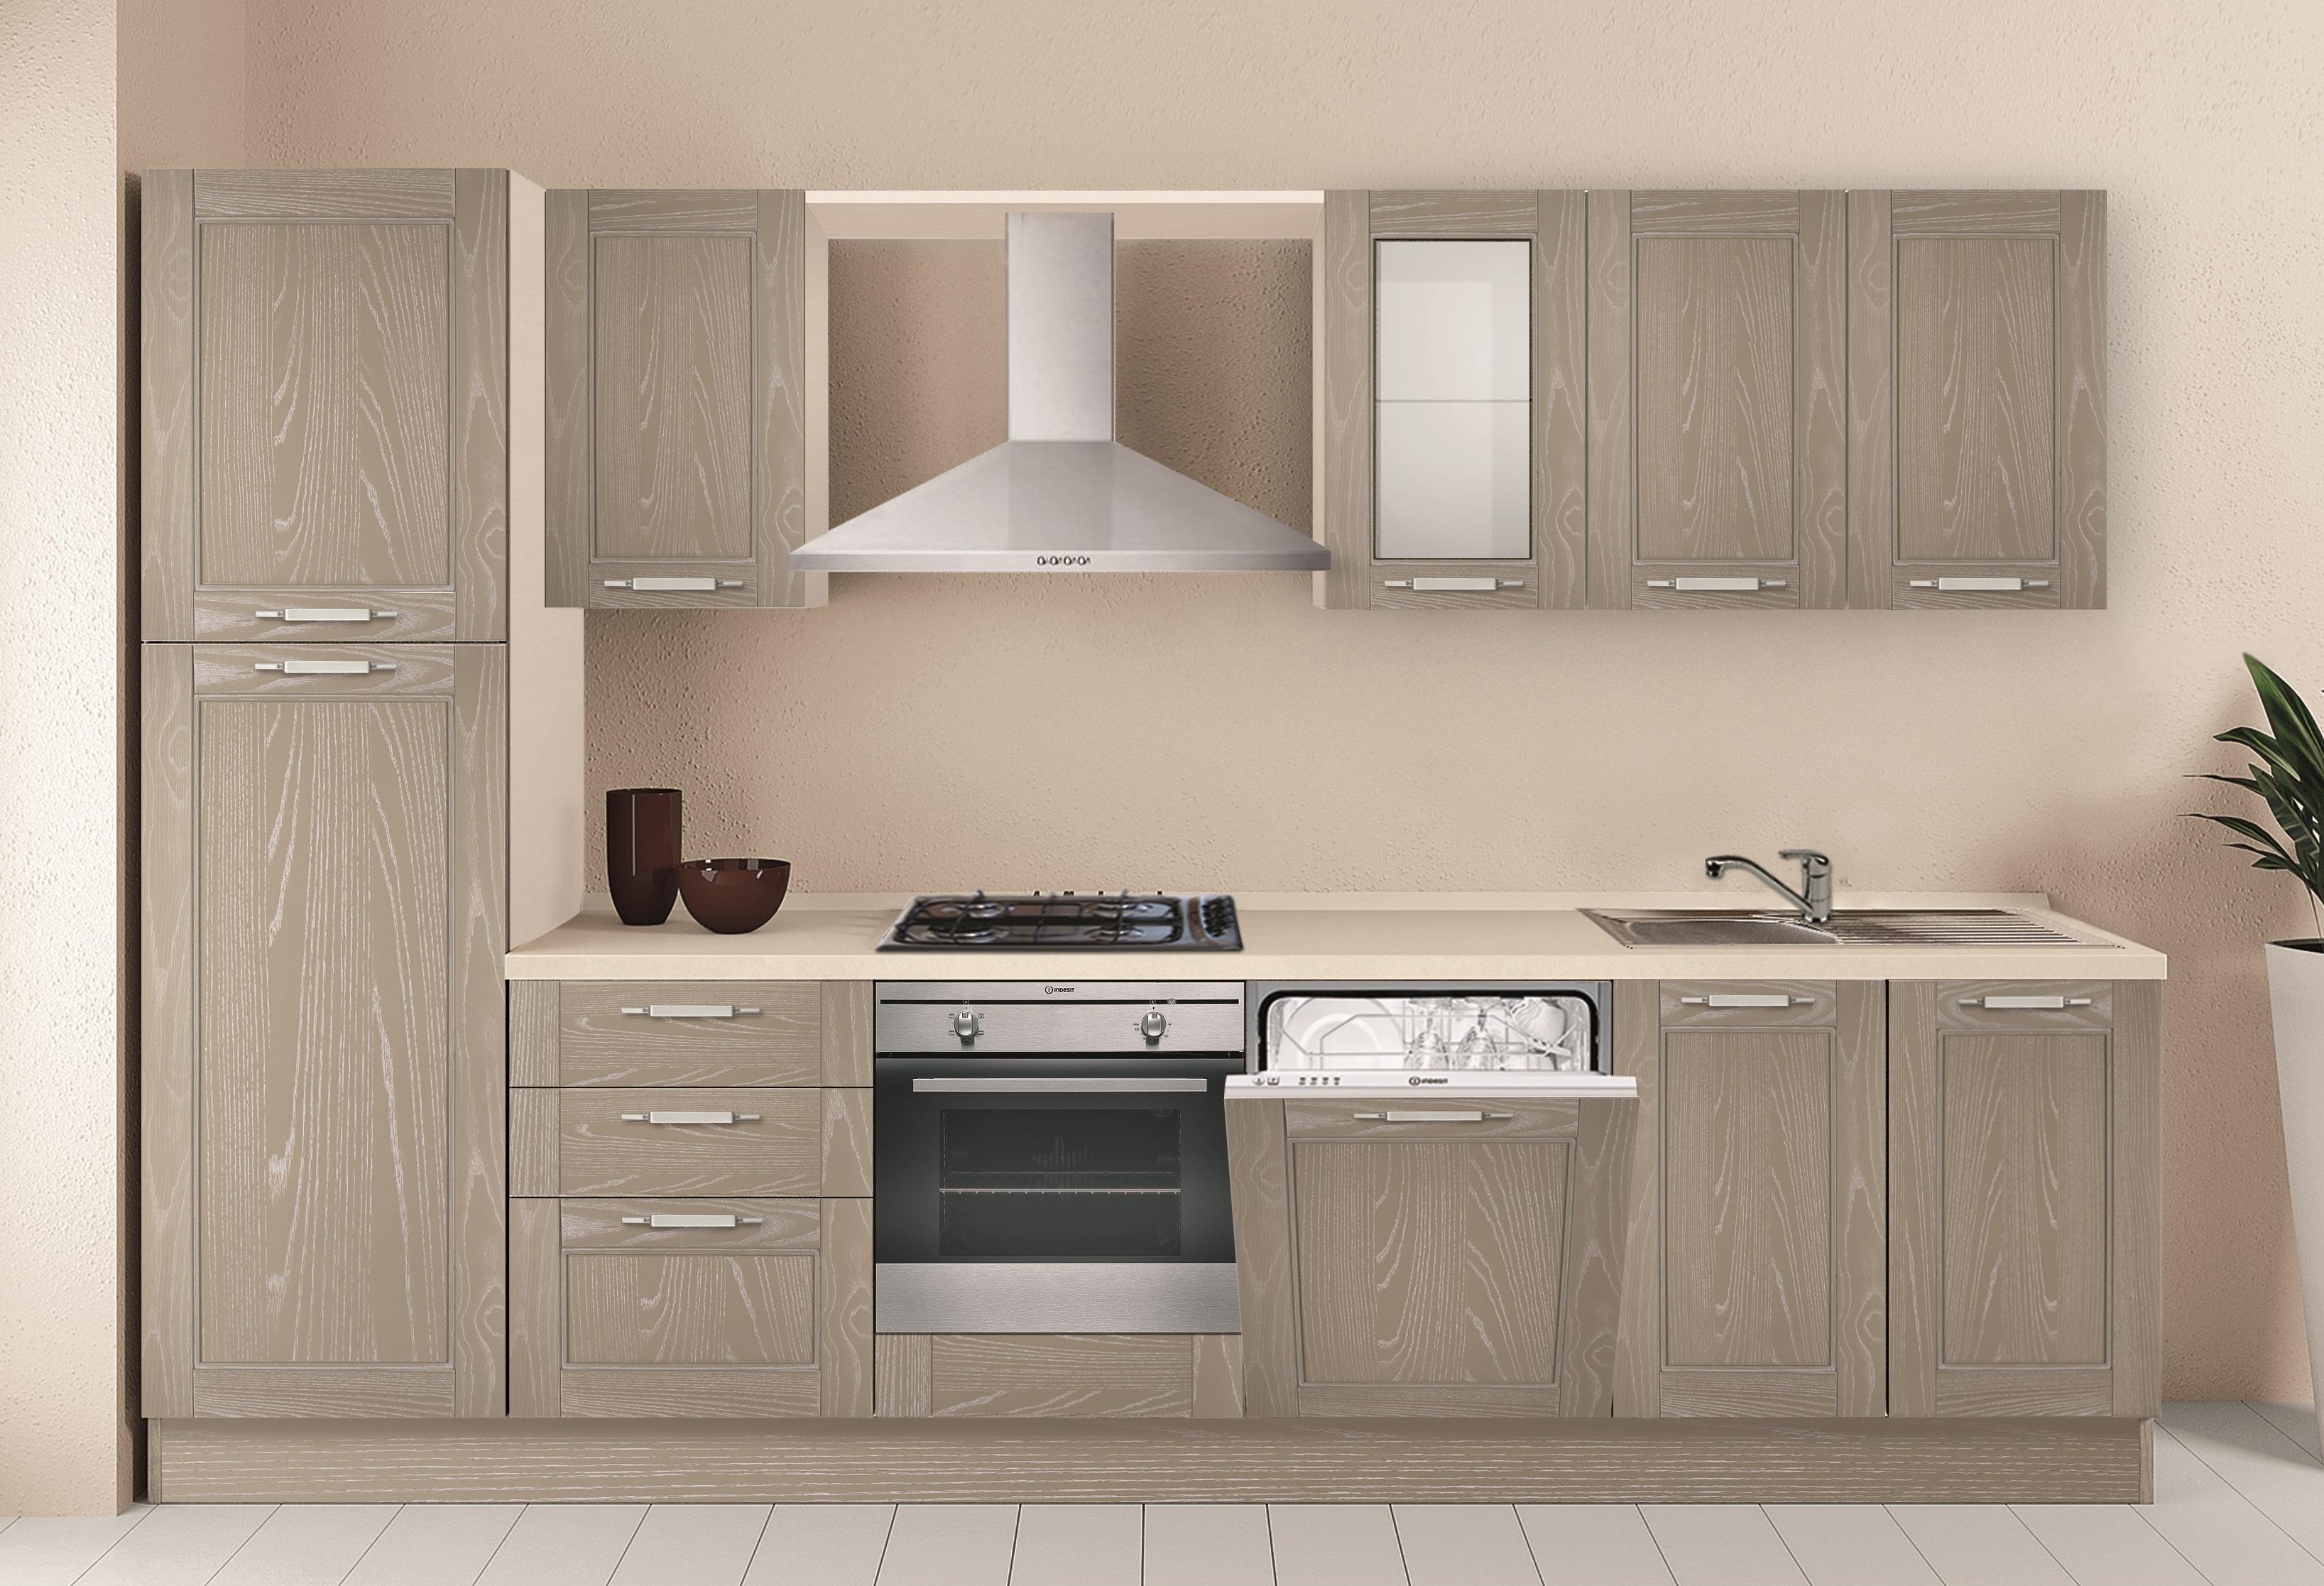 Promo 125l arredamenti centro cucine battistelli eric for Discount arredamenti